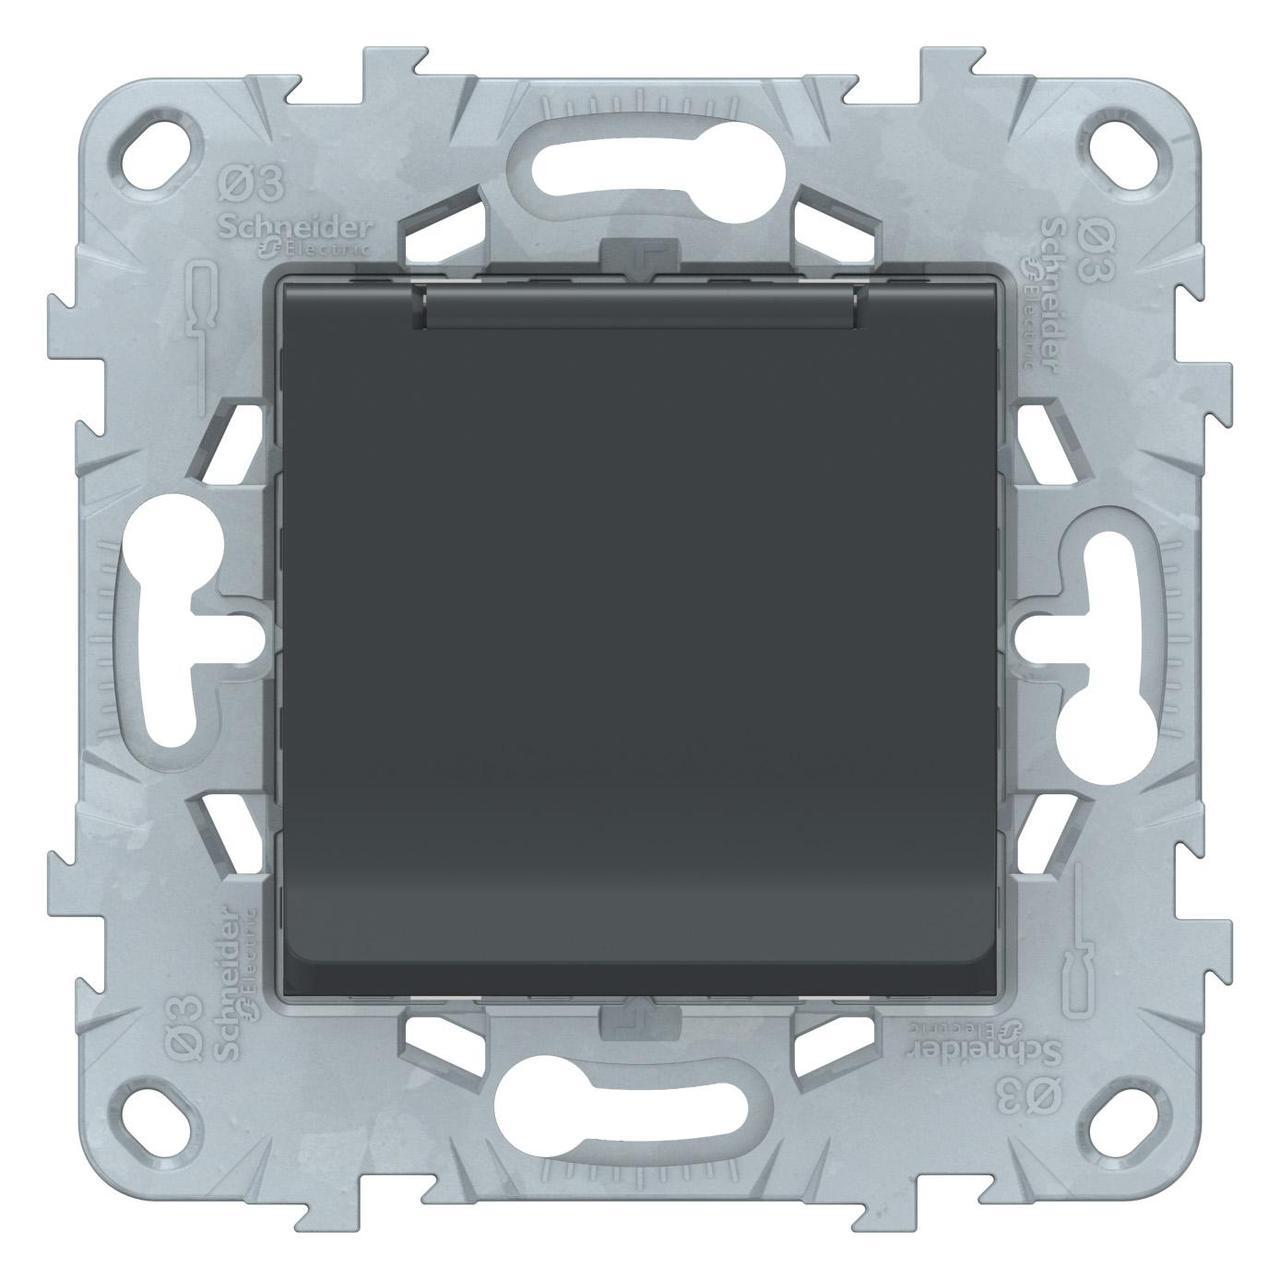 Розетка 1-ая электрическая , с заземлением и крышкой, защитными шторками , Антрацит, серия Unica New, Schneider Electric